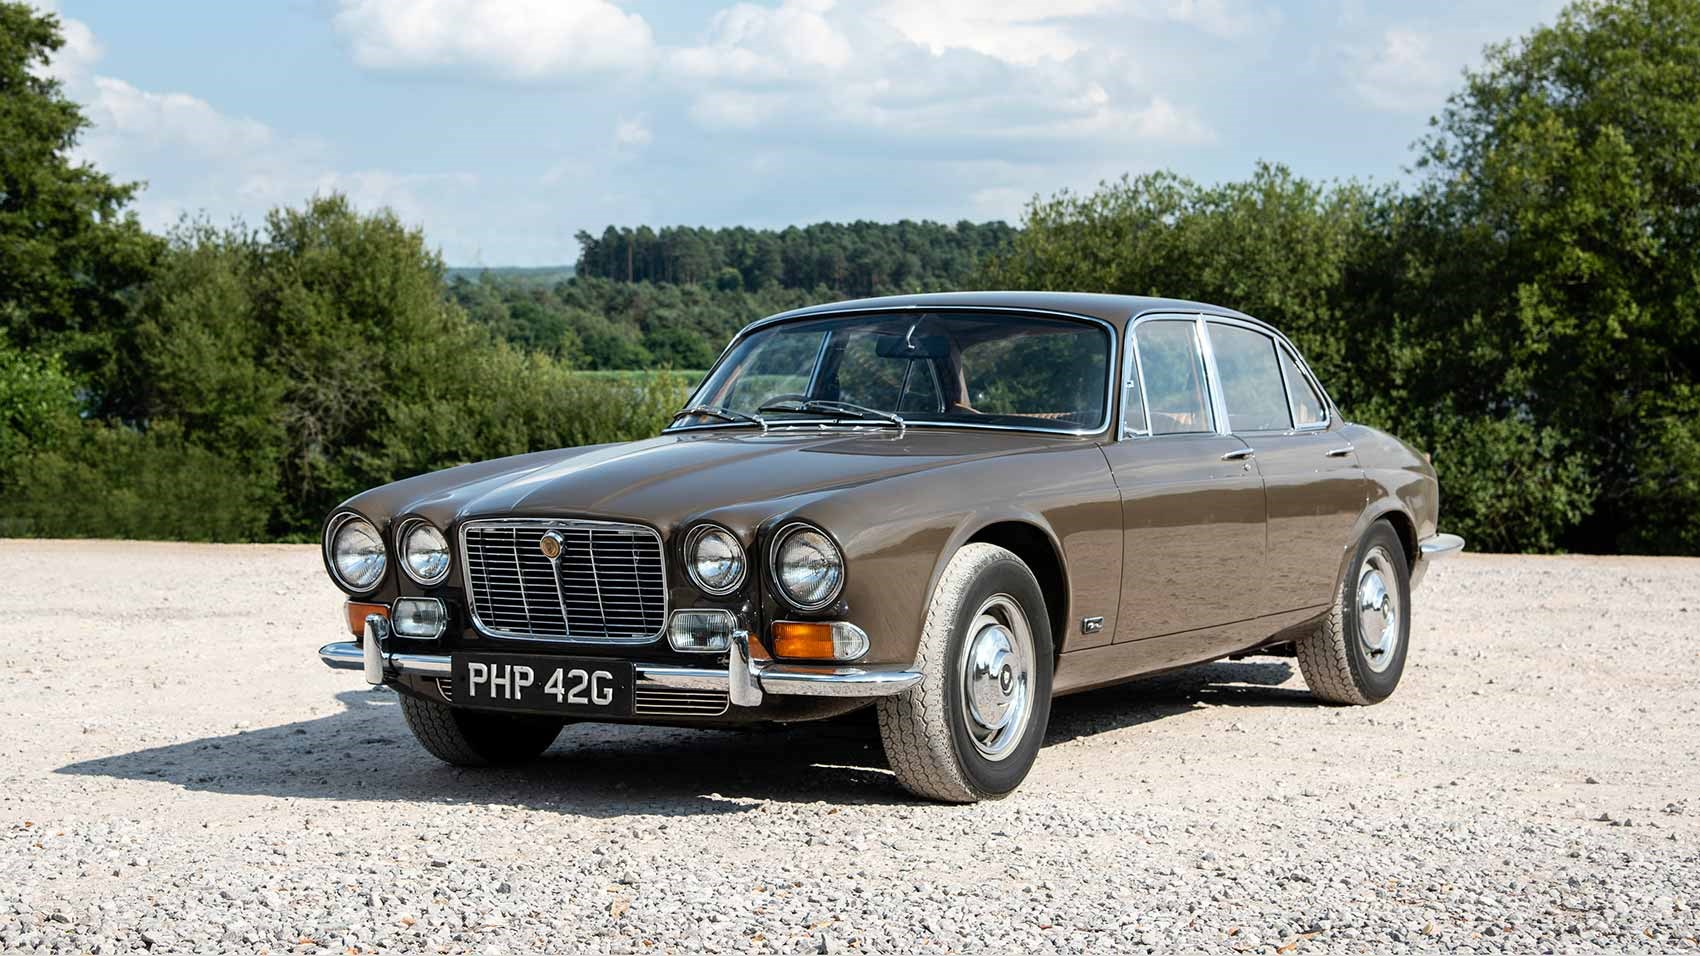 Big Cat Diaries: We Celebrate 50 Years Of The Jaguar XJ